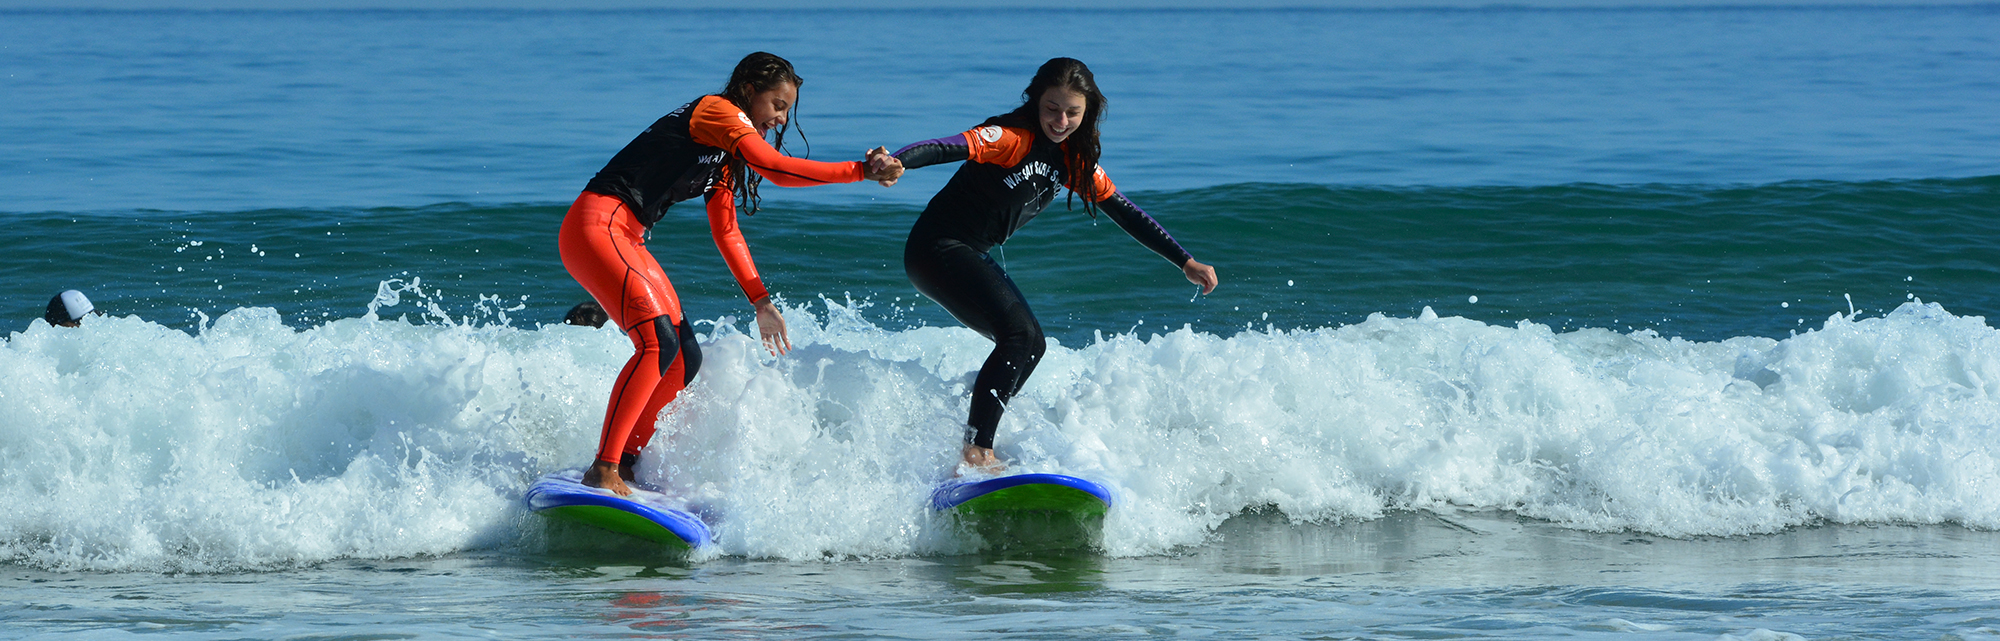 Campamentos de surf menores - Surf Camp menores